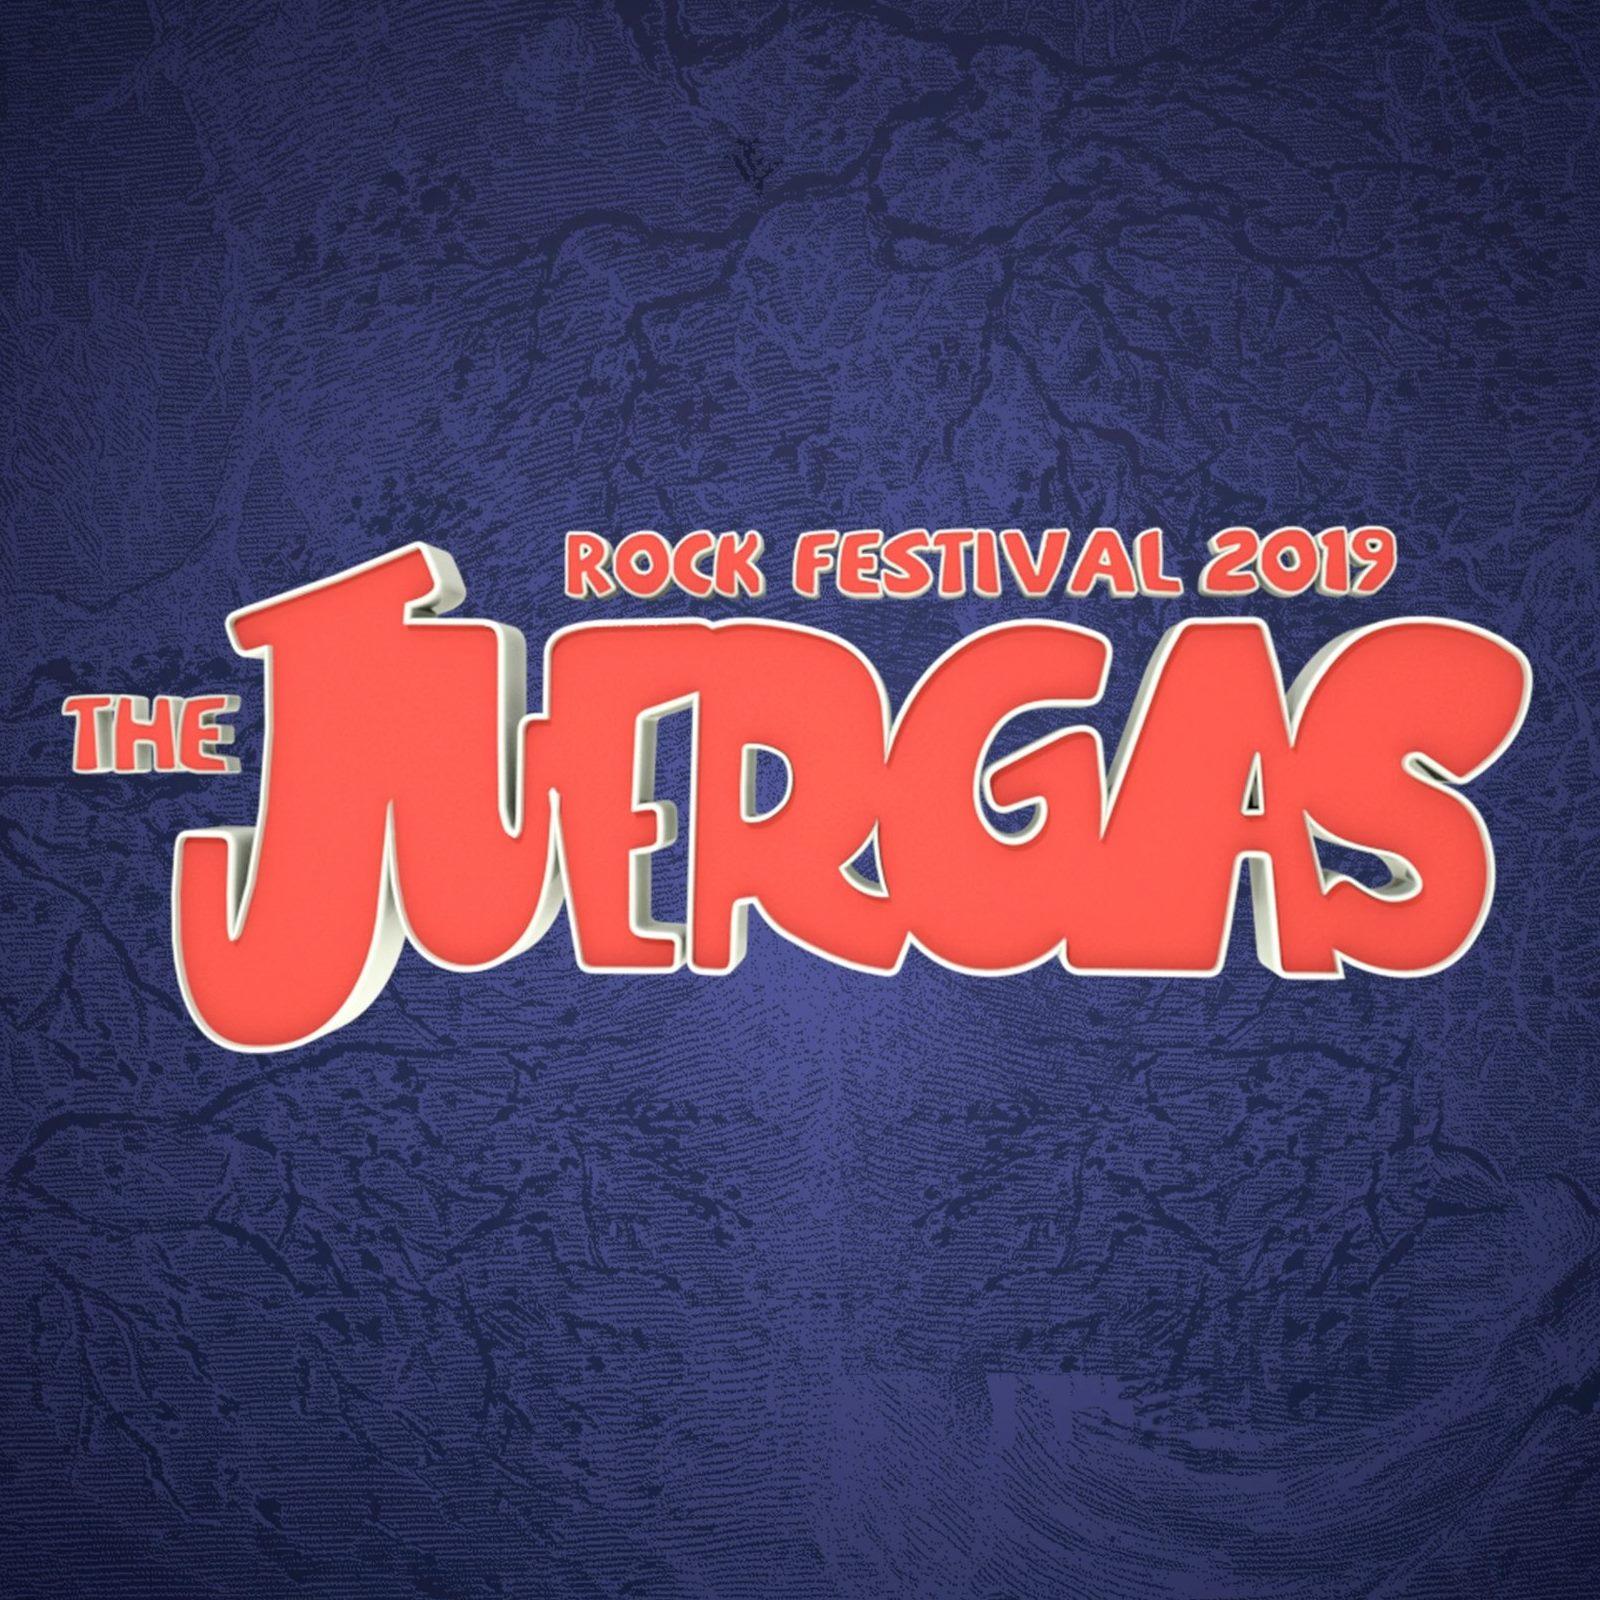 THE JUERGAS ROCK FESTIVAL presenta los horarios por días